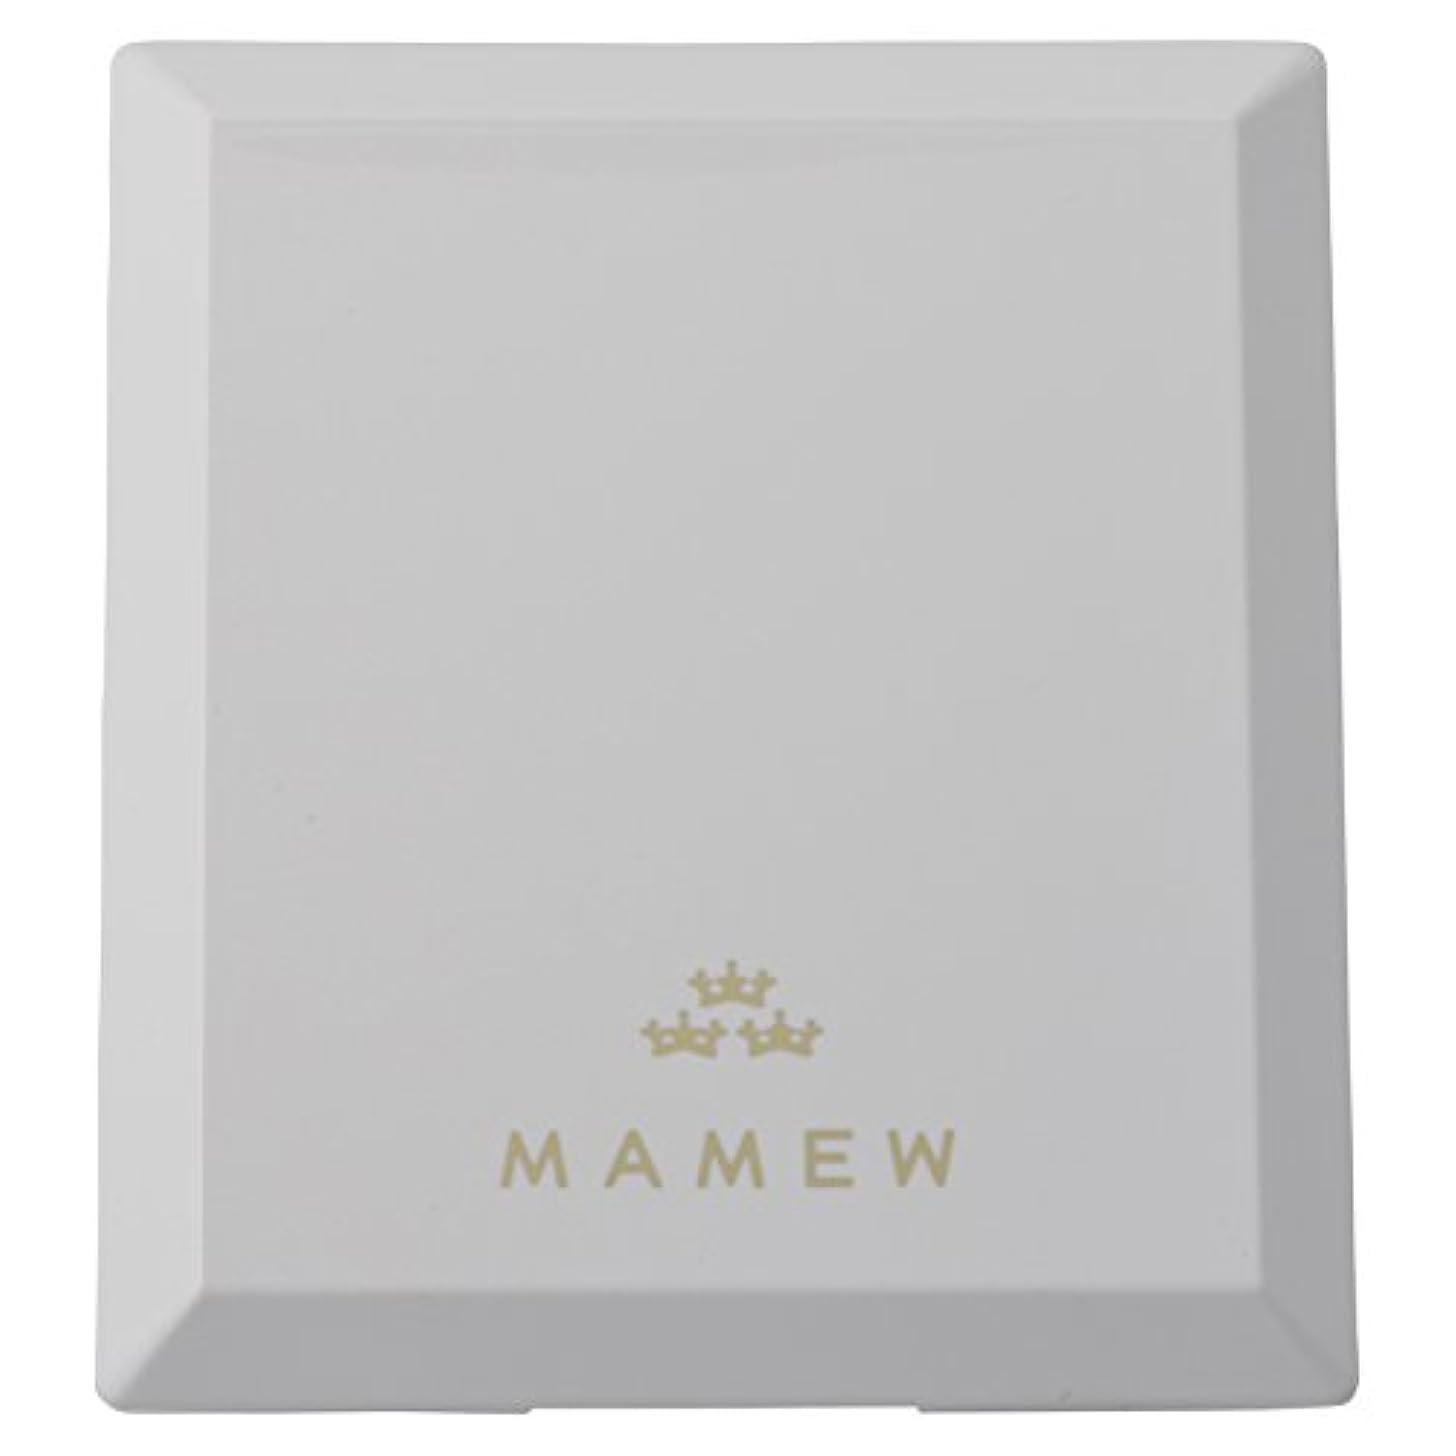 ボウリングベスト液体MAMEW(マミュ) カラーコレクションケース-メイクパレッド 鏡付き